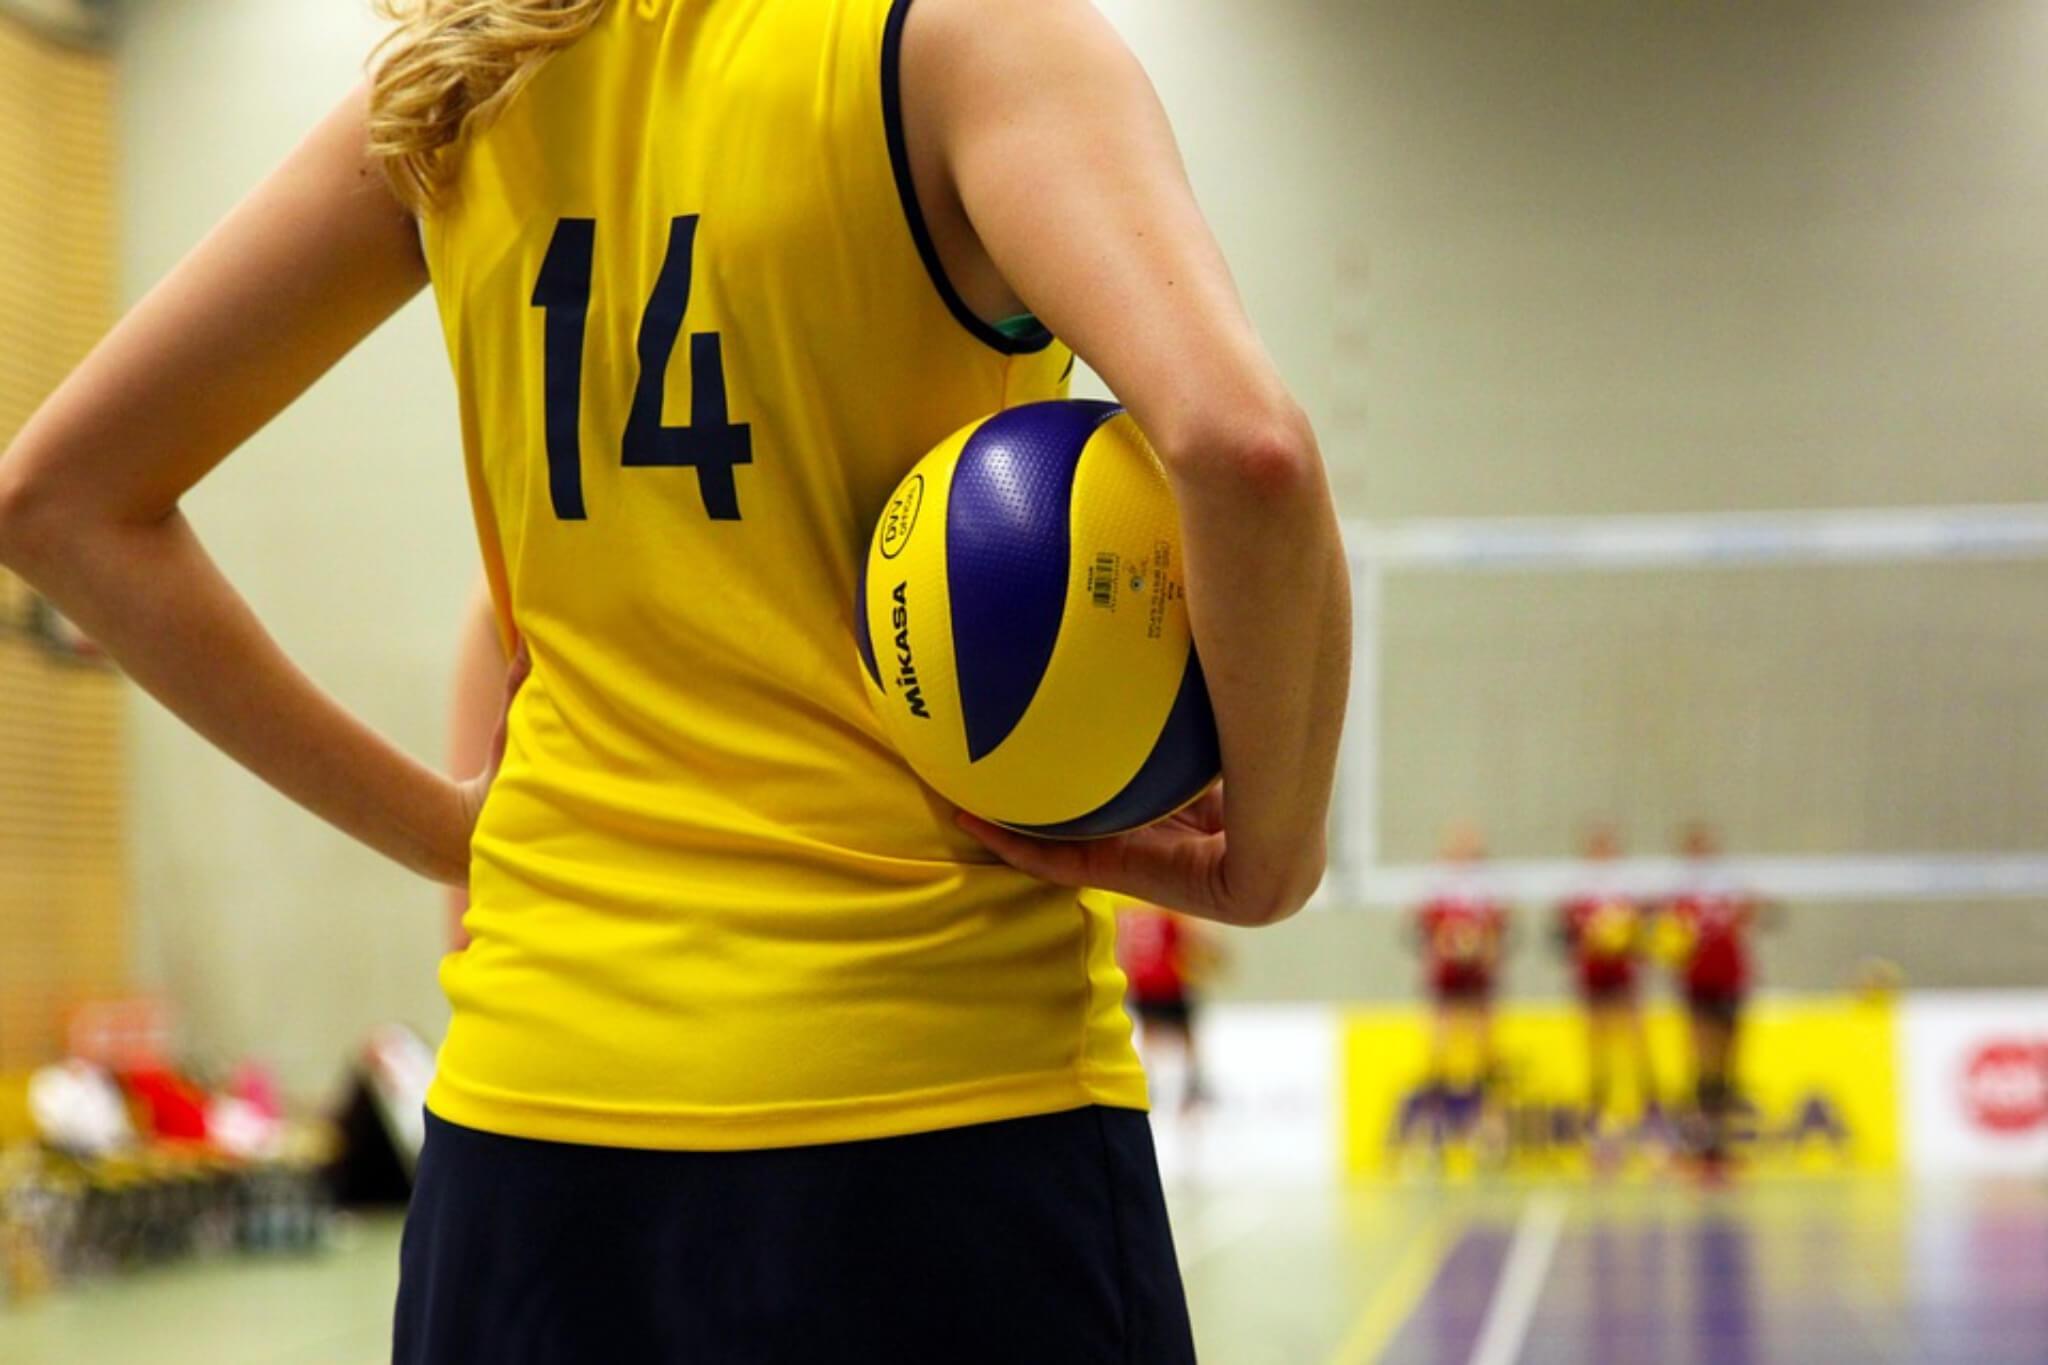 campionato europeo di pallavolo femminile 2019